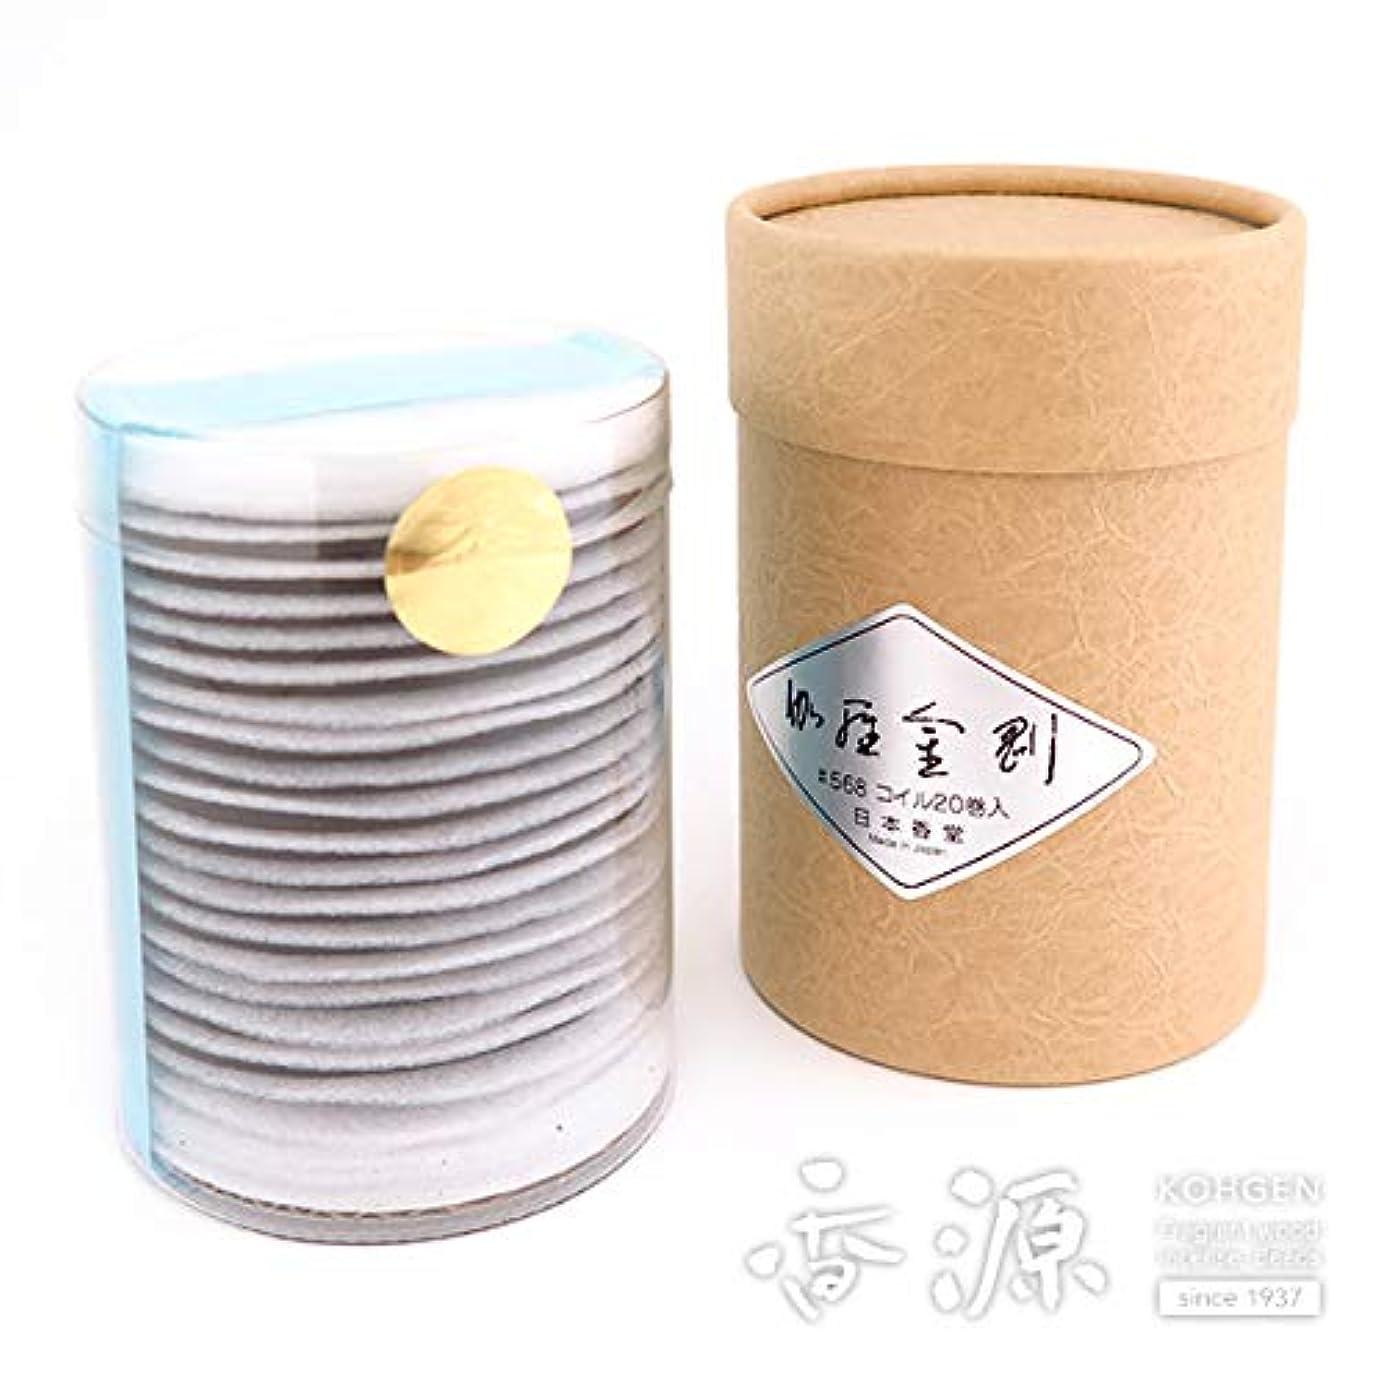 上流のカプセル文化日本香堂のお香 伽羅金剛 徳用渦巻20枚入